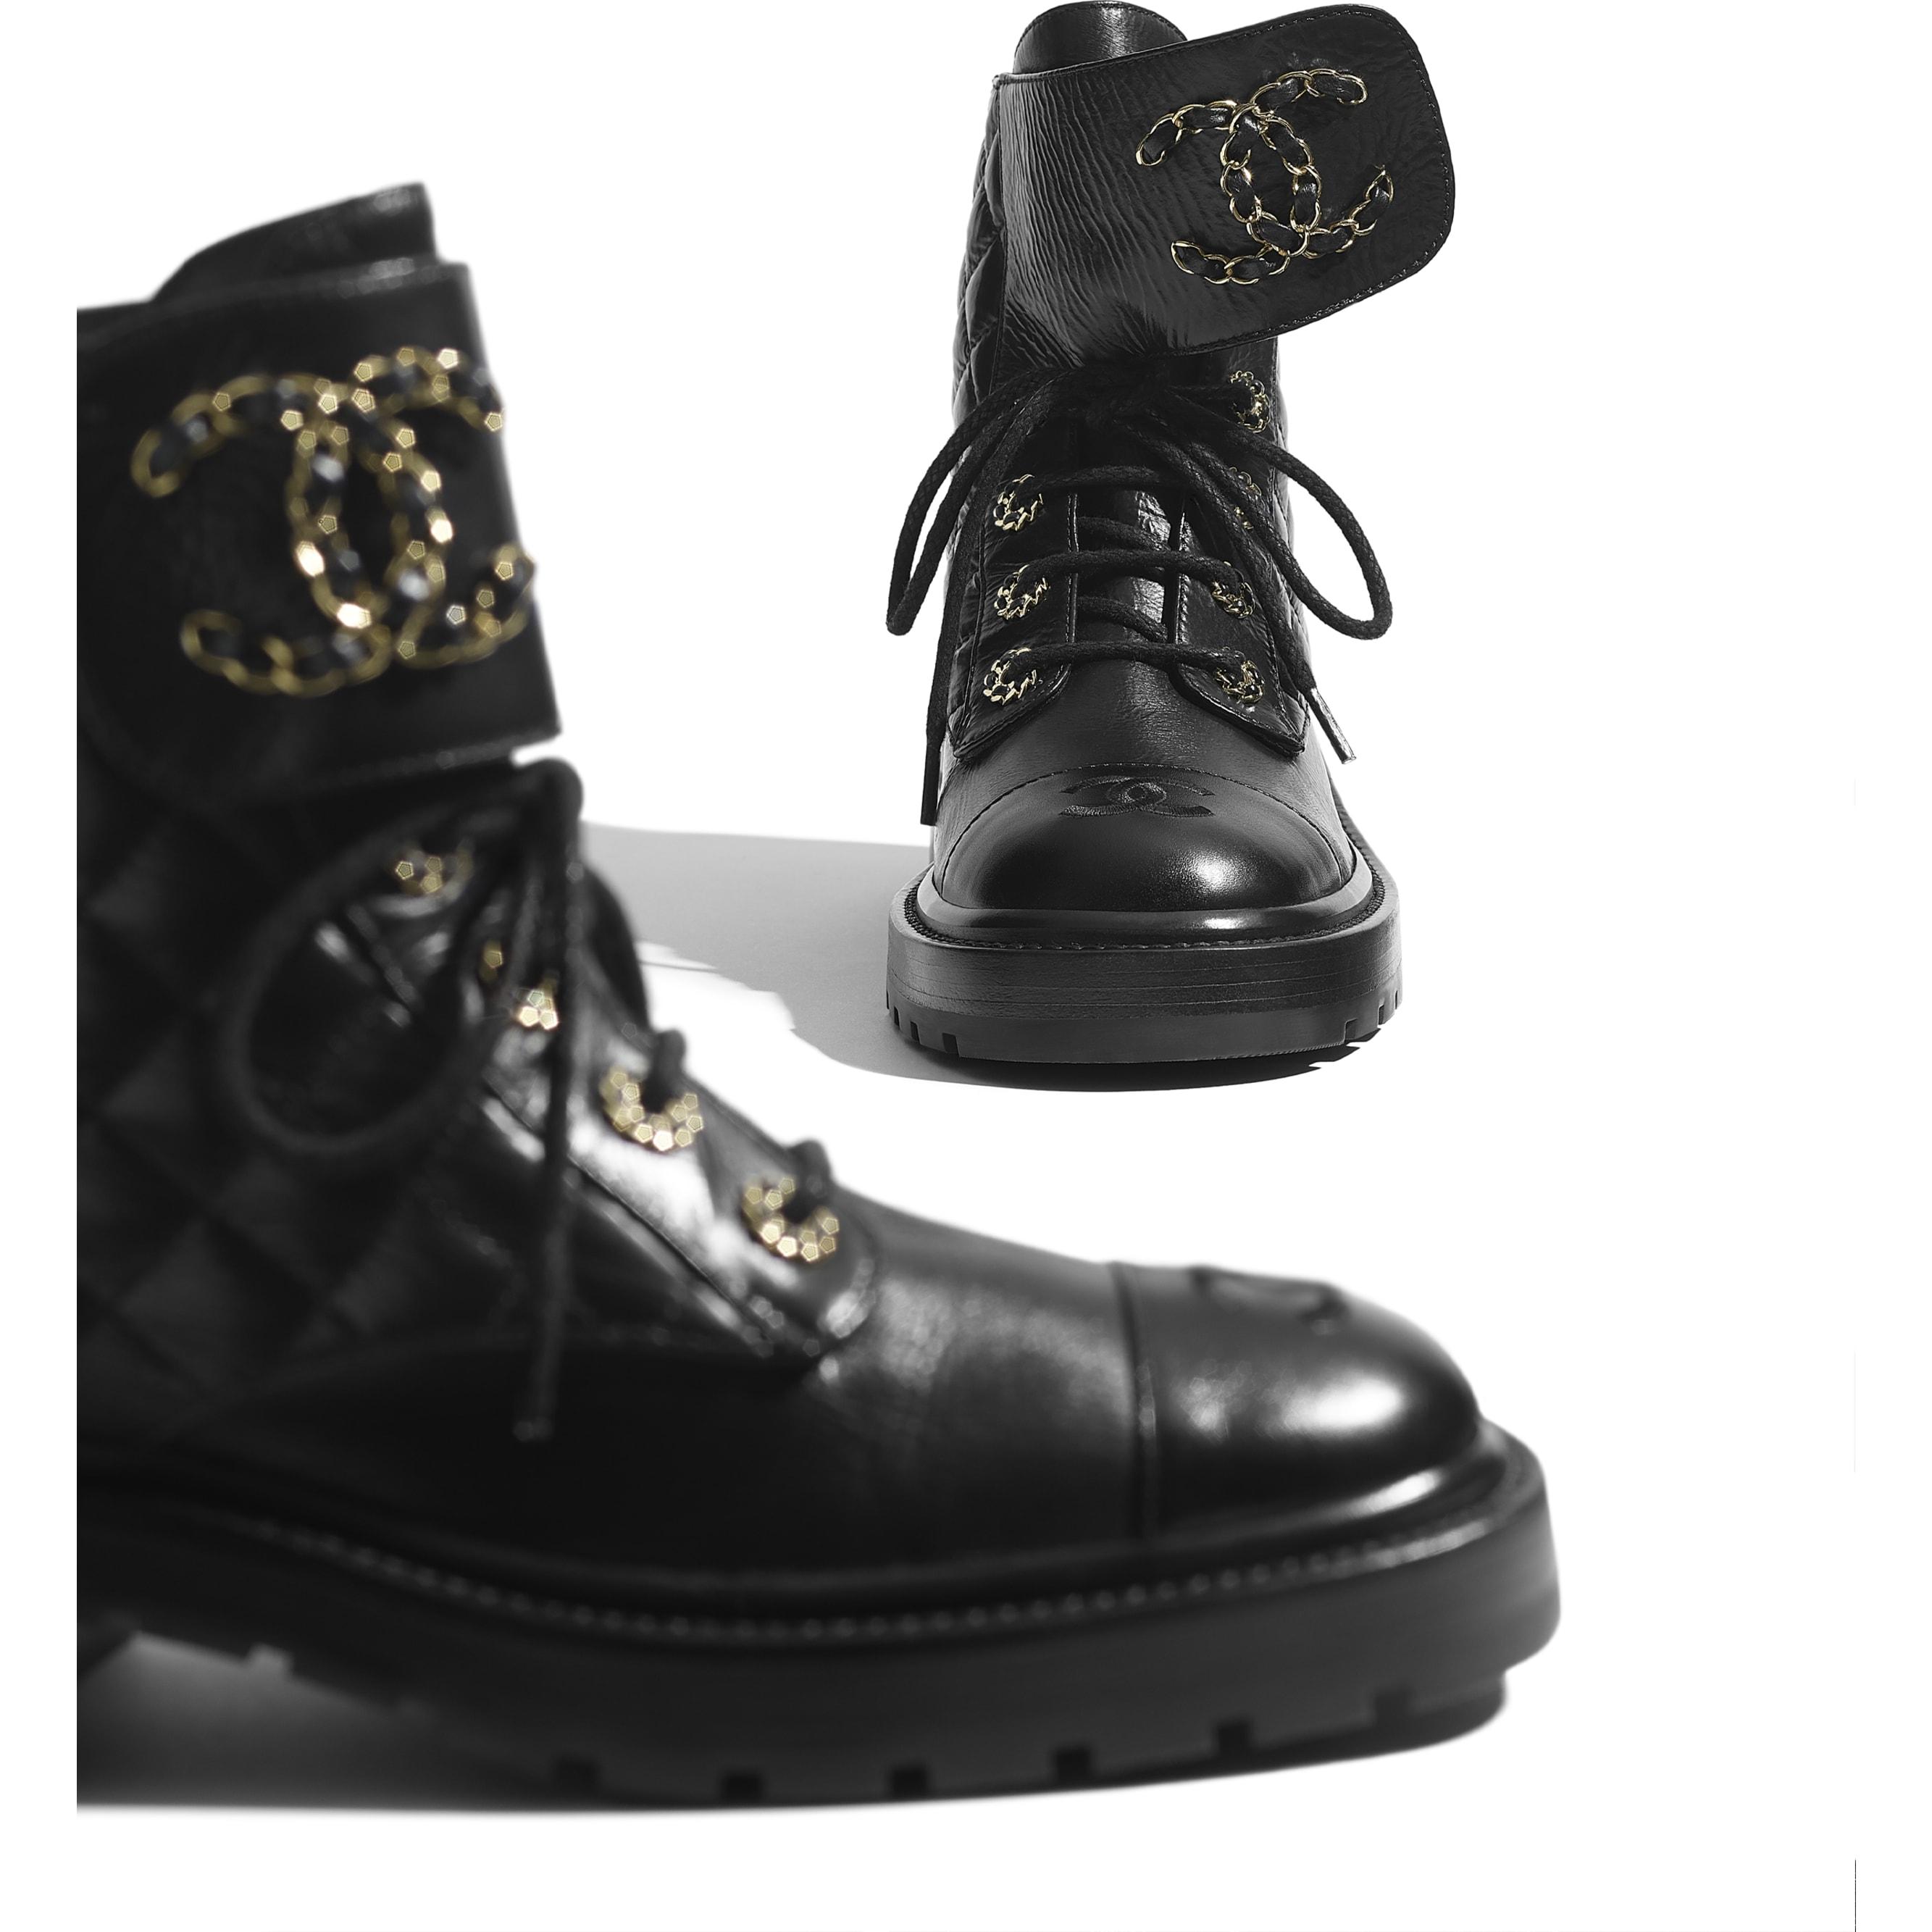 Ботинки на шнуровке - Черный - Блестящая кожа козы и кожа теленка - CHANEL - Дополнительное изображение - посмотреть изображение стандартного размера